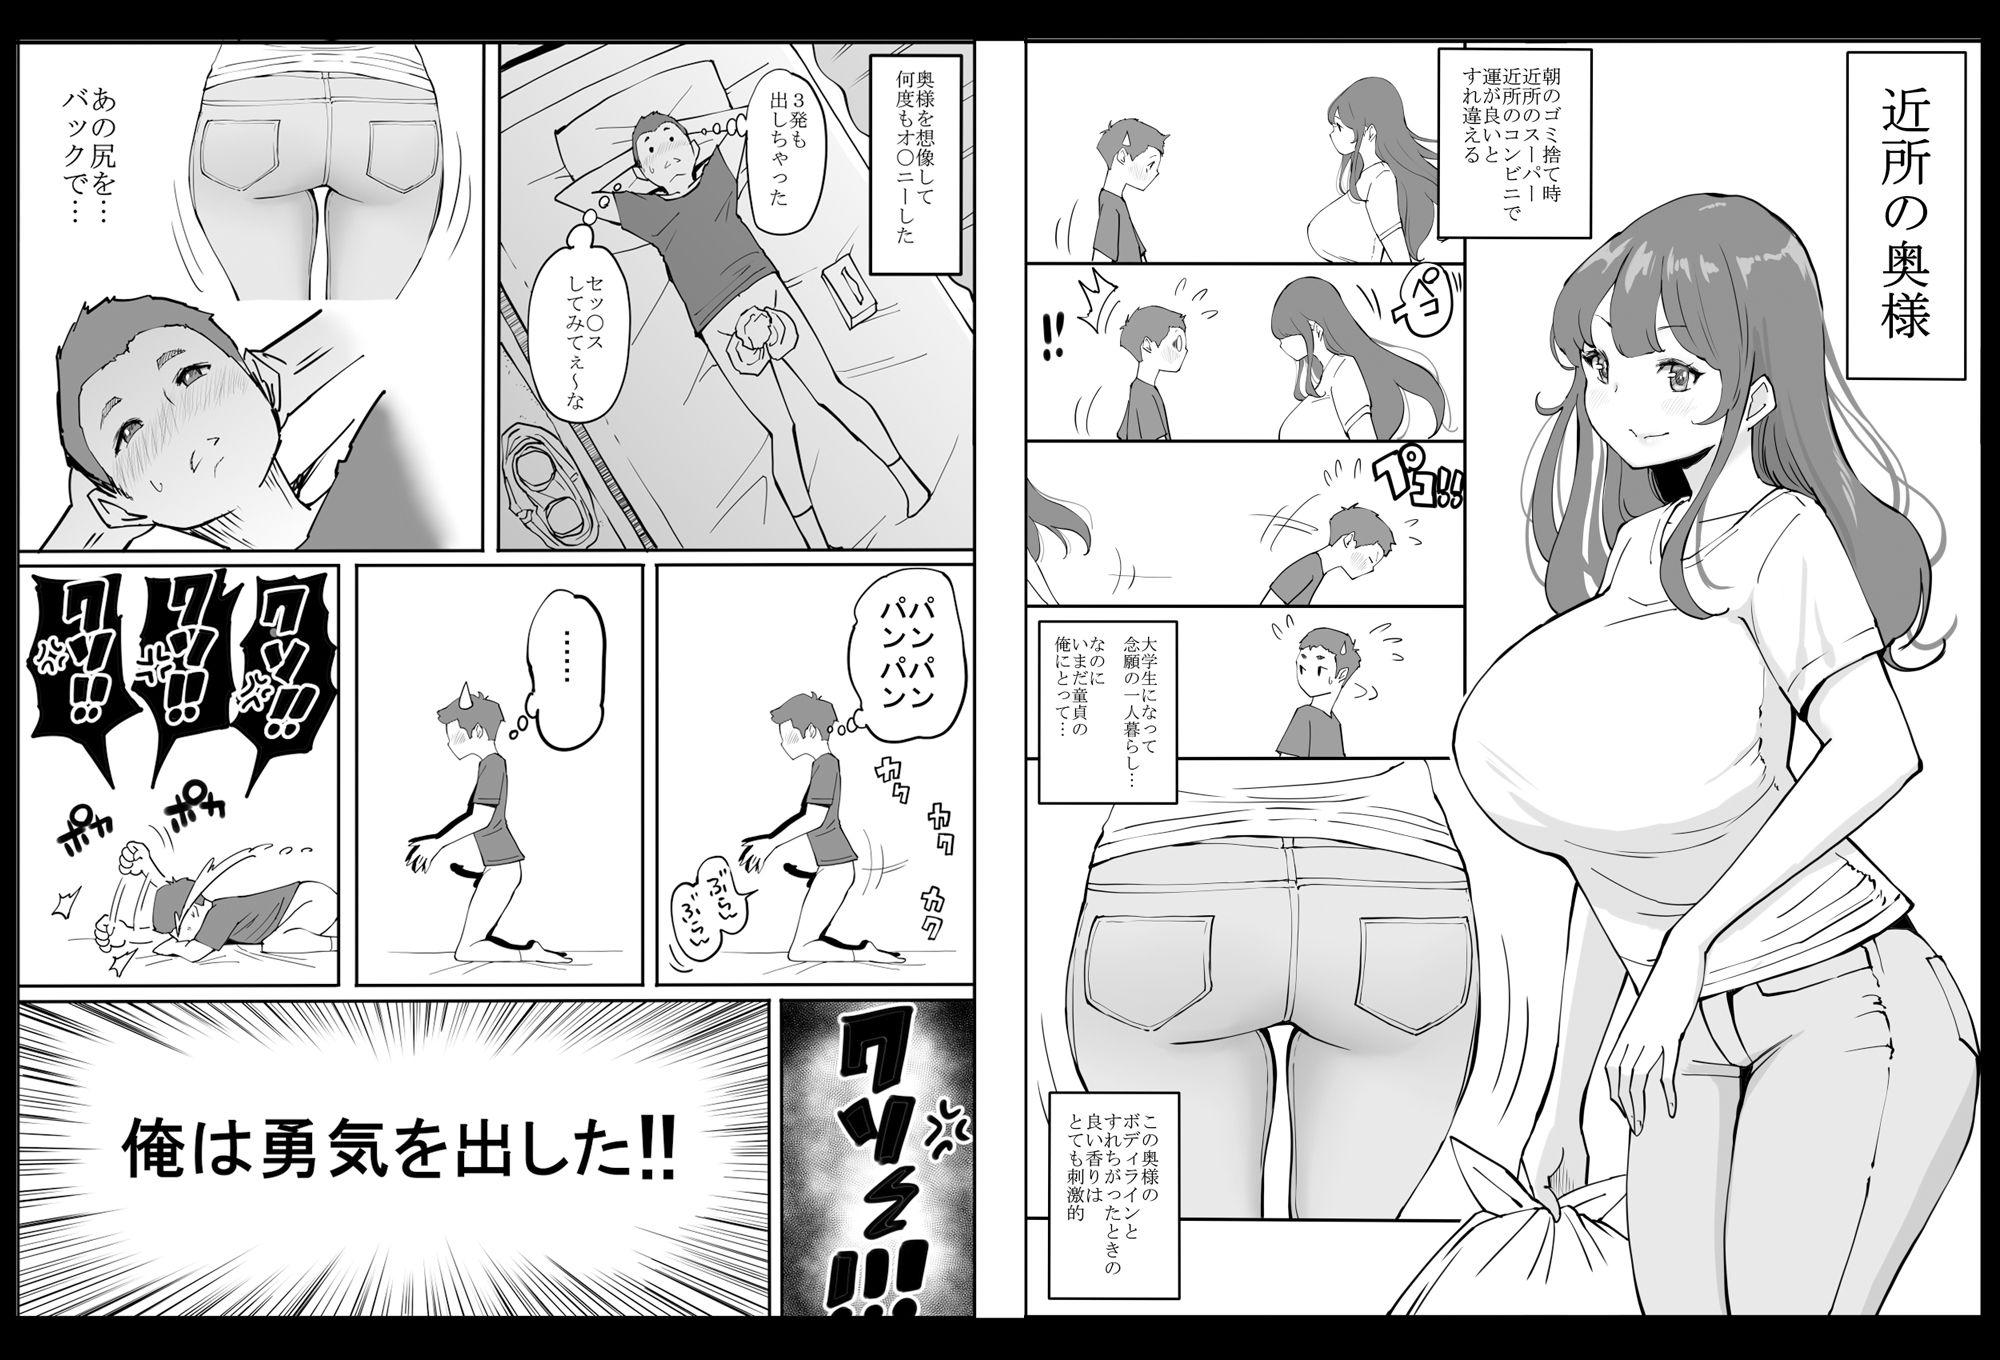 僕にセフレが出来た理由 〜安産型お尻の人妻編〜